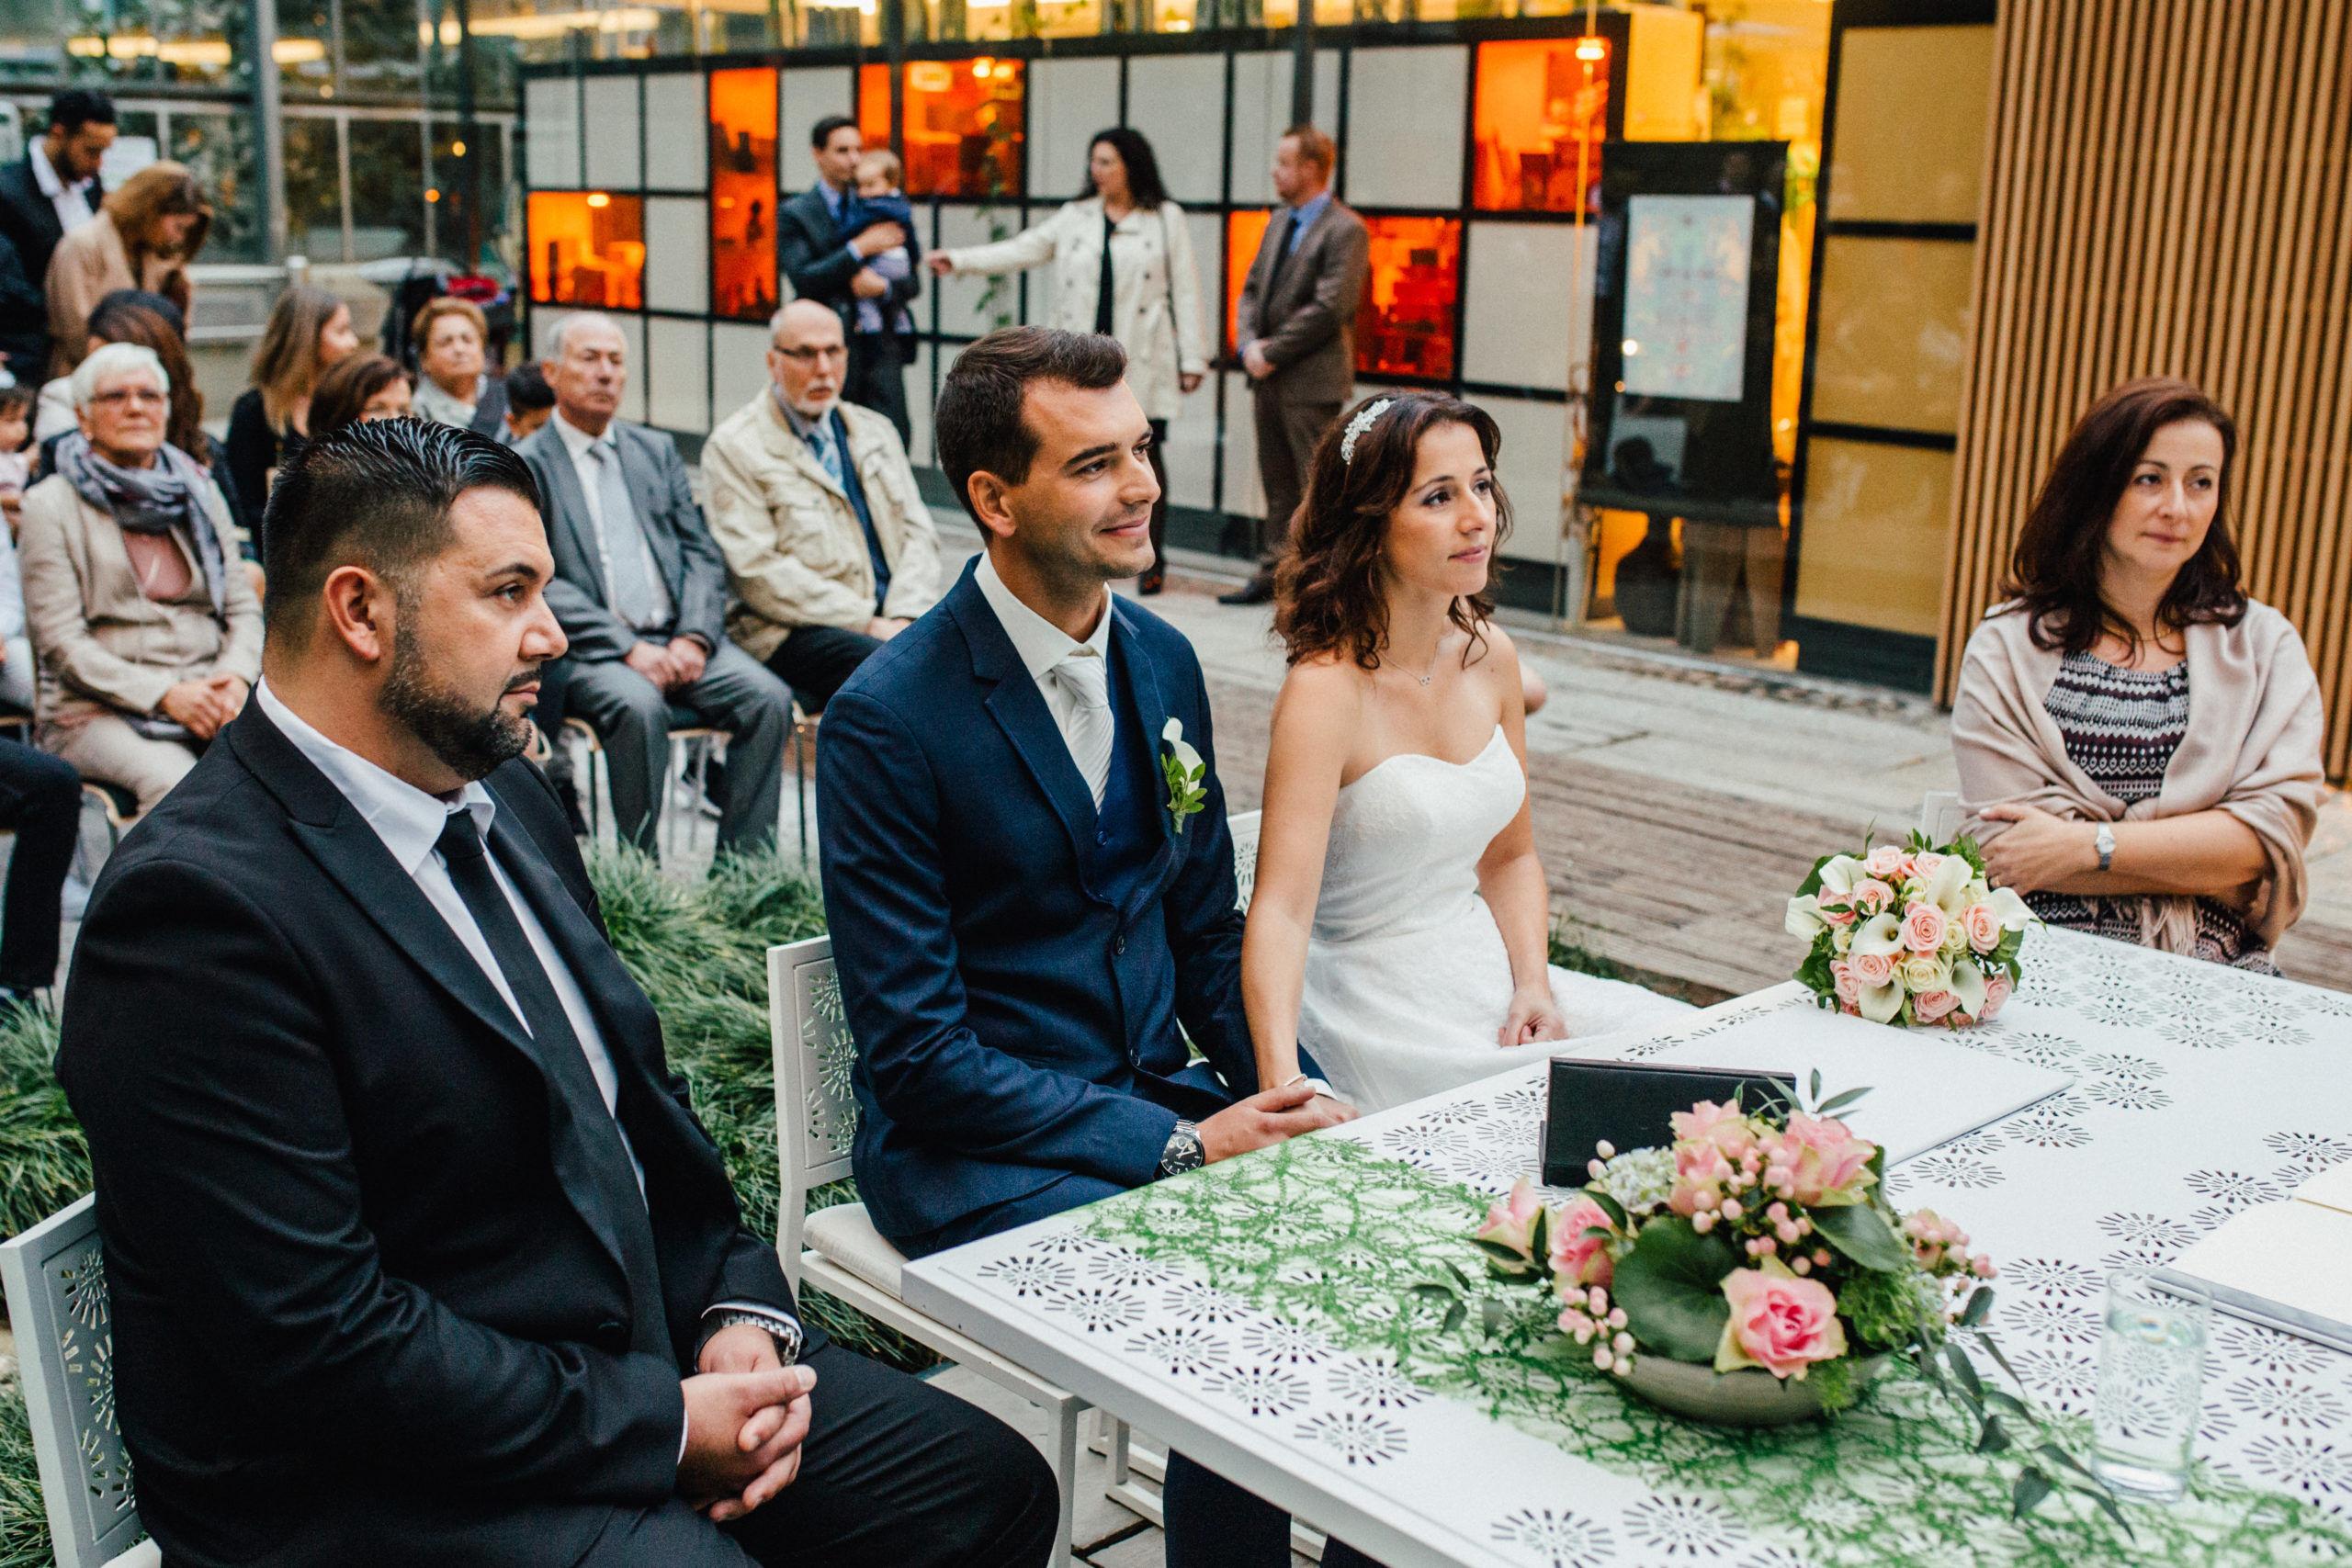 Hochzeitsfotograf Bremen Botanika 042 scaled - Sitze ich links oder rechts bei der Trauung